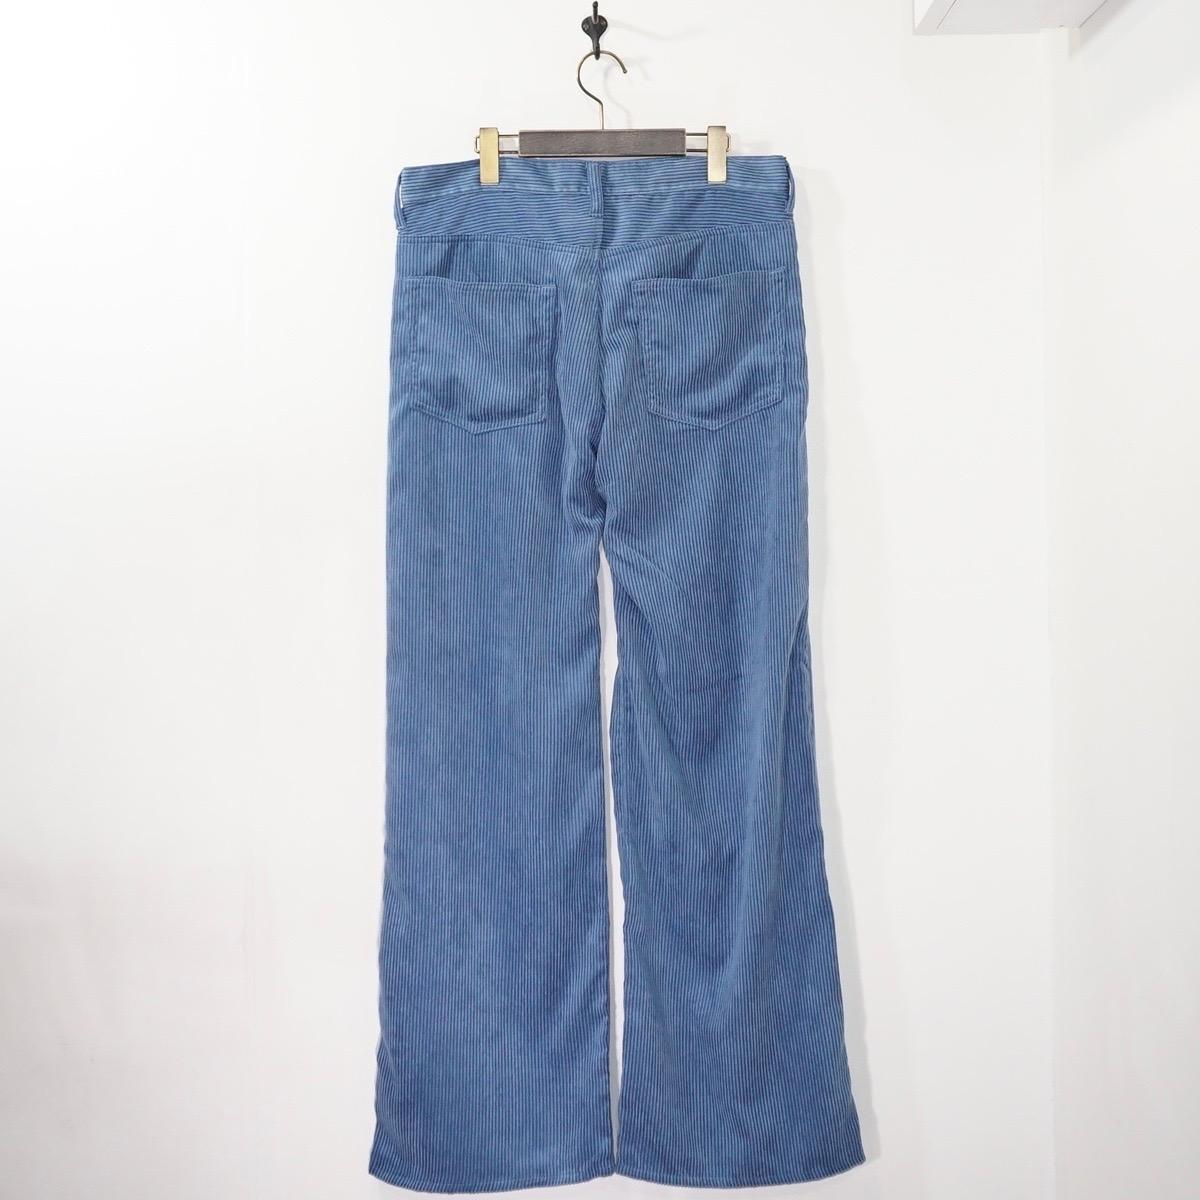 Sasquatchfabrix.(サスクワァッチファブリックス) | 70-21 CORDUROY FLARE 5 POCKET PANTS (70-21 コーデュロイ フレア5ポケットパンツ) - BLUE